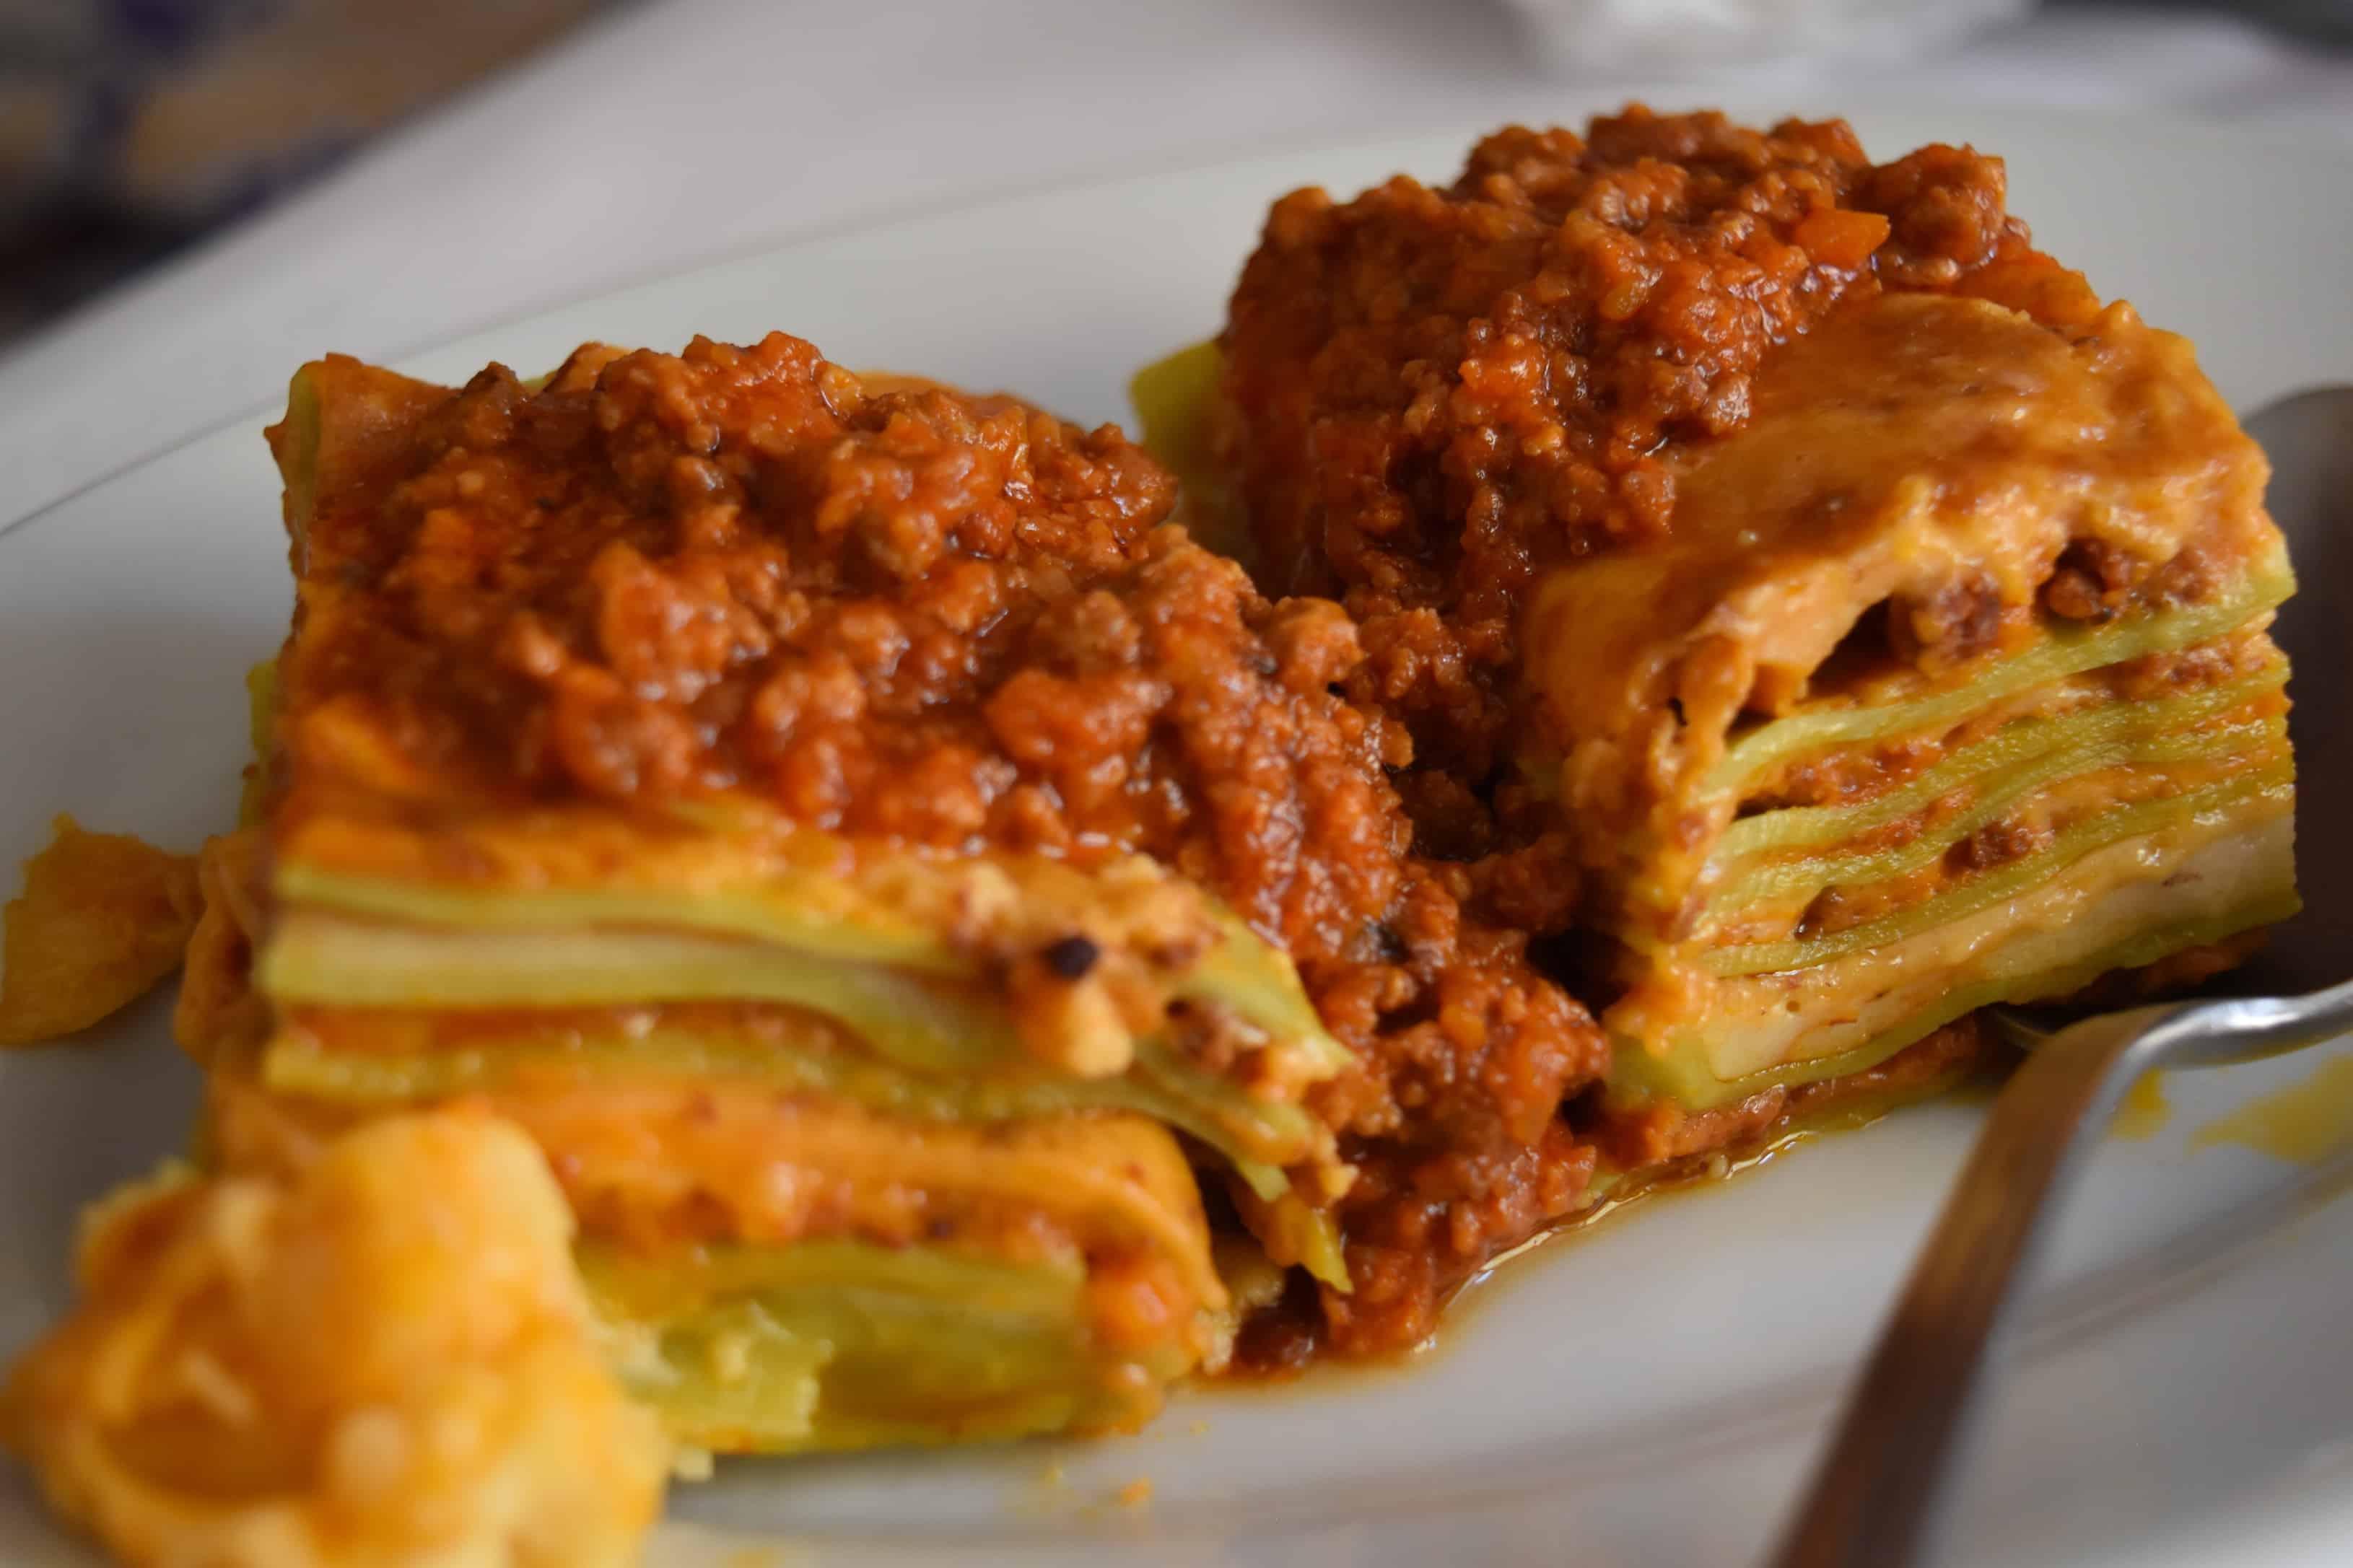 Layers of delicious lasagne in Emilia Romagna